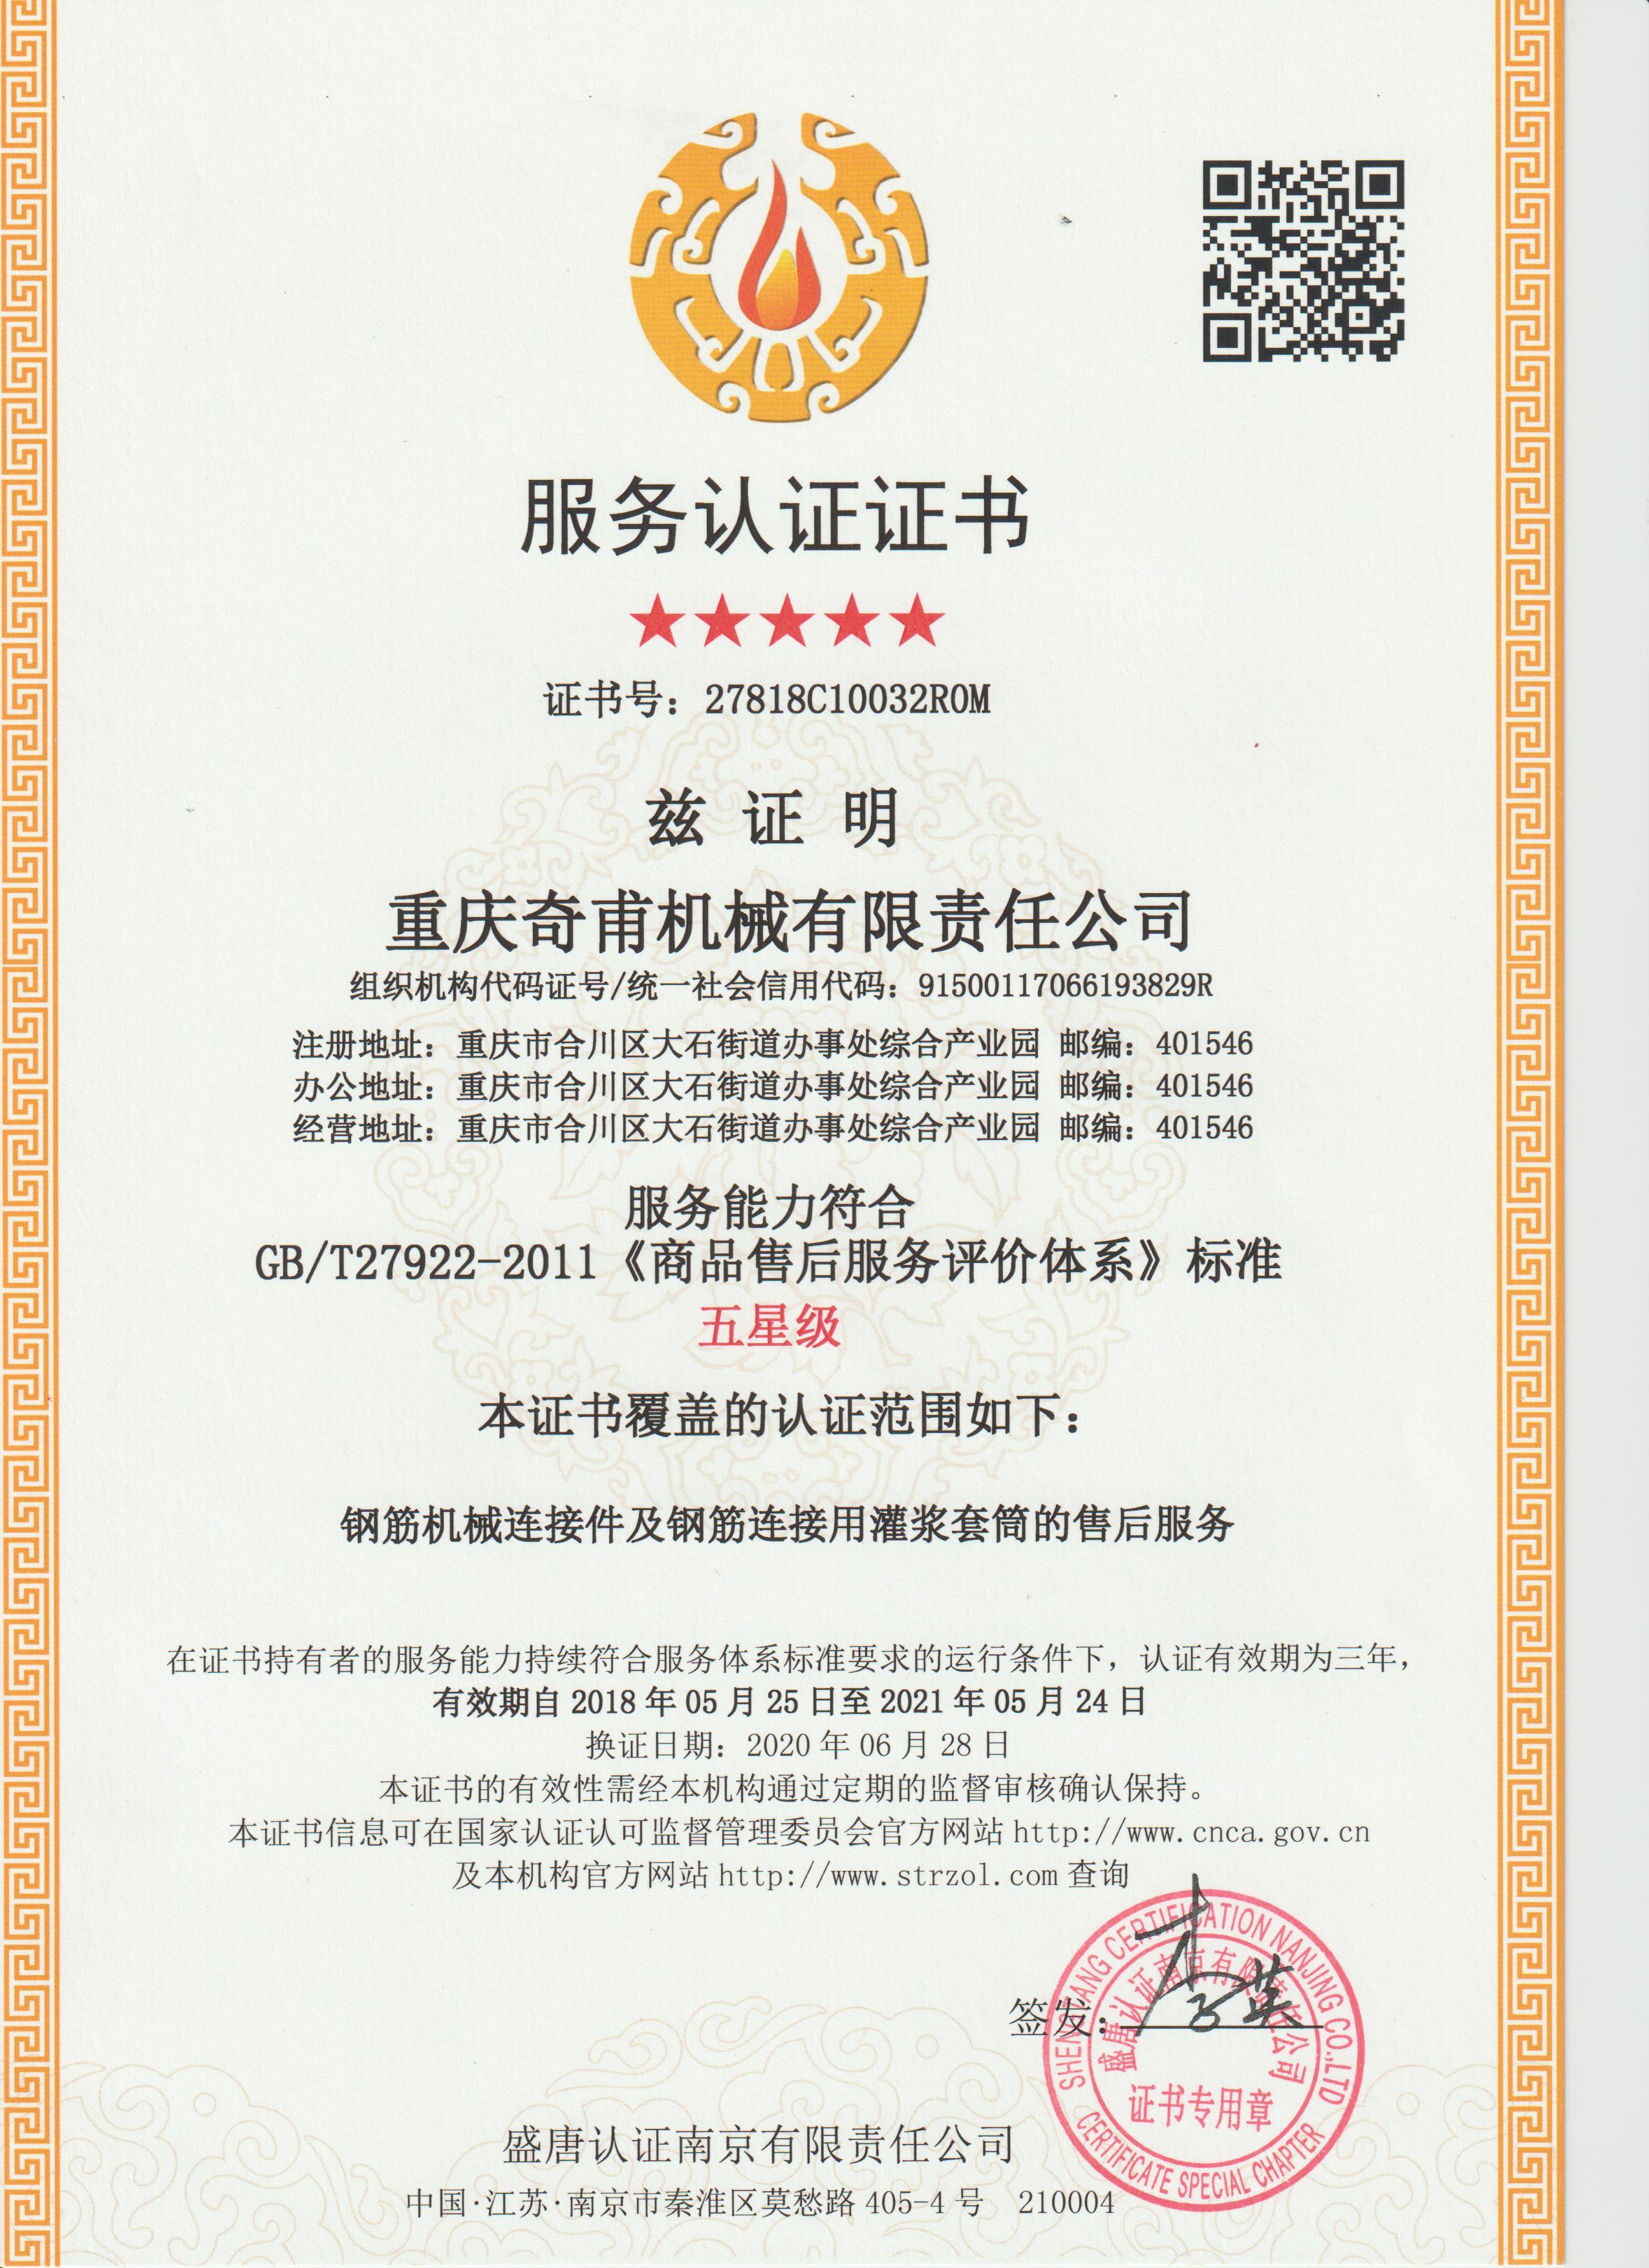 商品售后服务评价体系证书——中文版